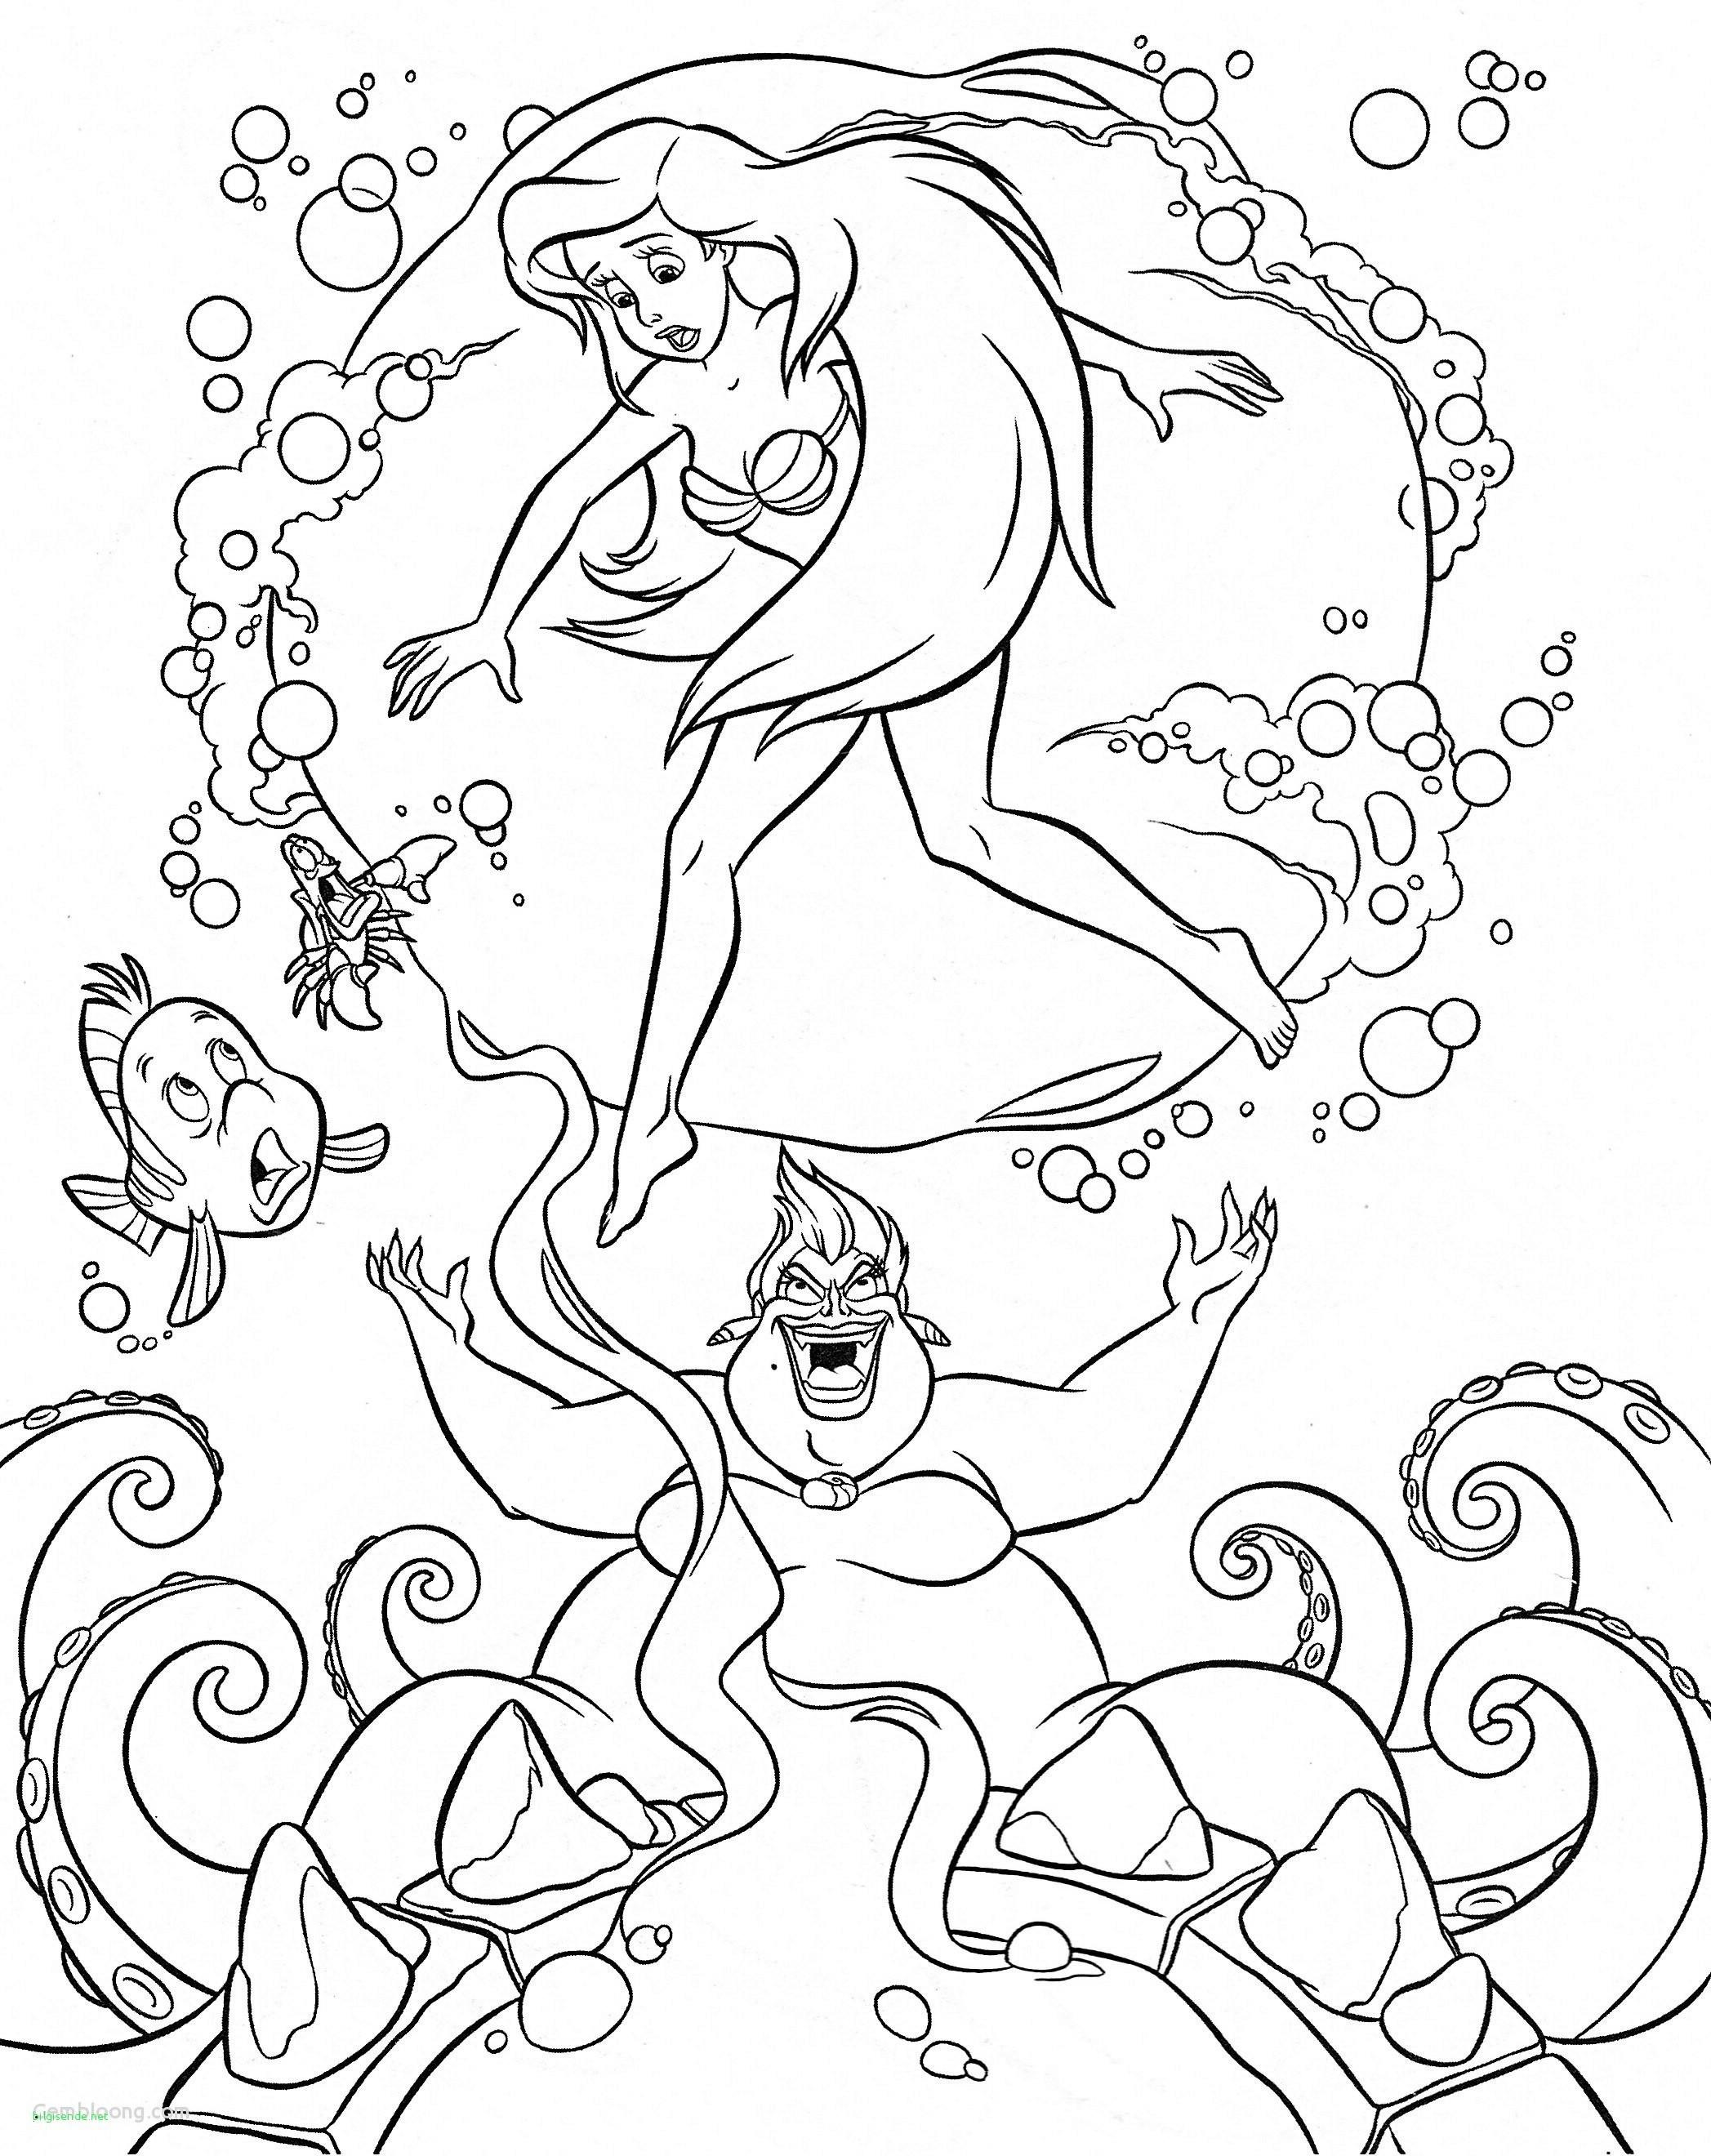 Ausmalbilder Disney Prinzessin Jasmin Einzigartig 40 Das Konzept Von Disney Princess Ausmalbilder Treehouse Nyc Sammlung